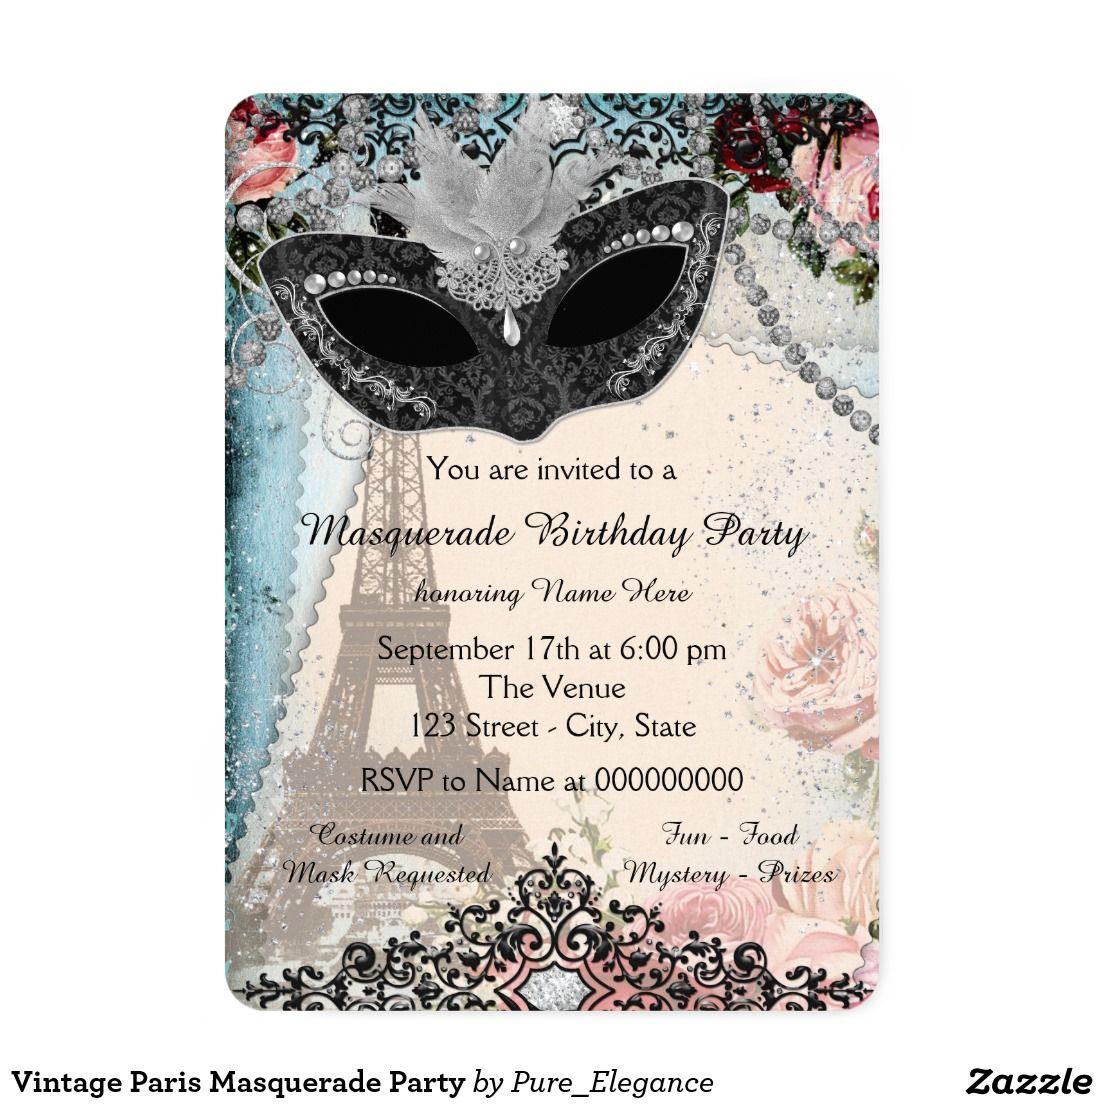 Vintage Paris Masquerade Party Invitation | QUINCEANERA Invitations ...